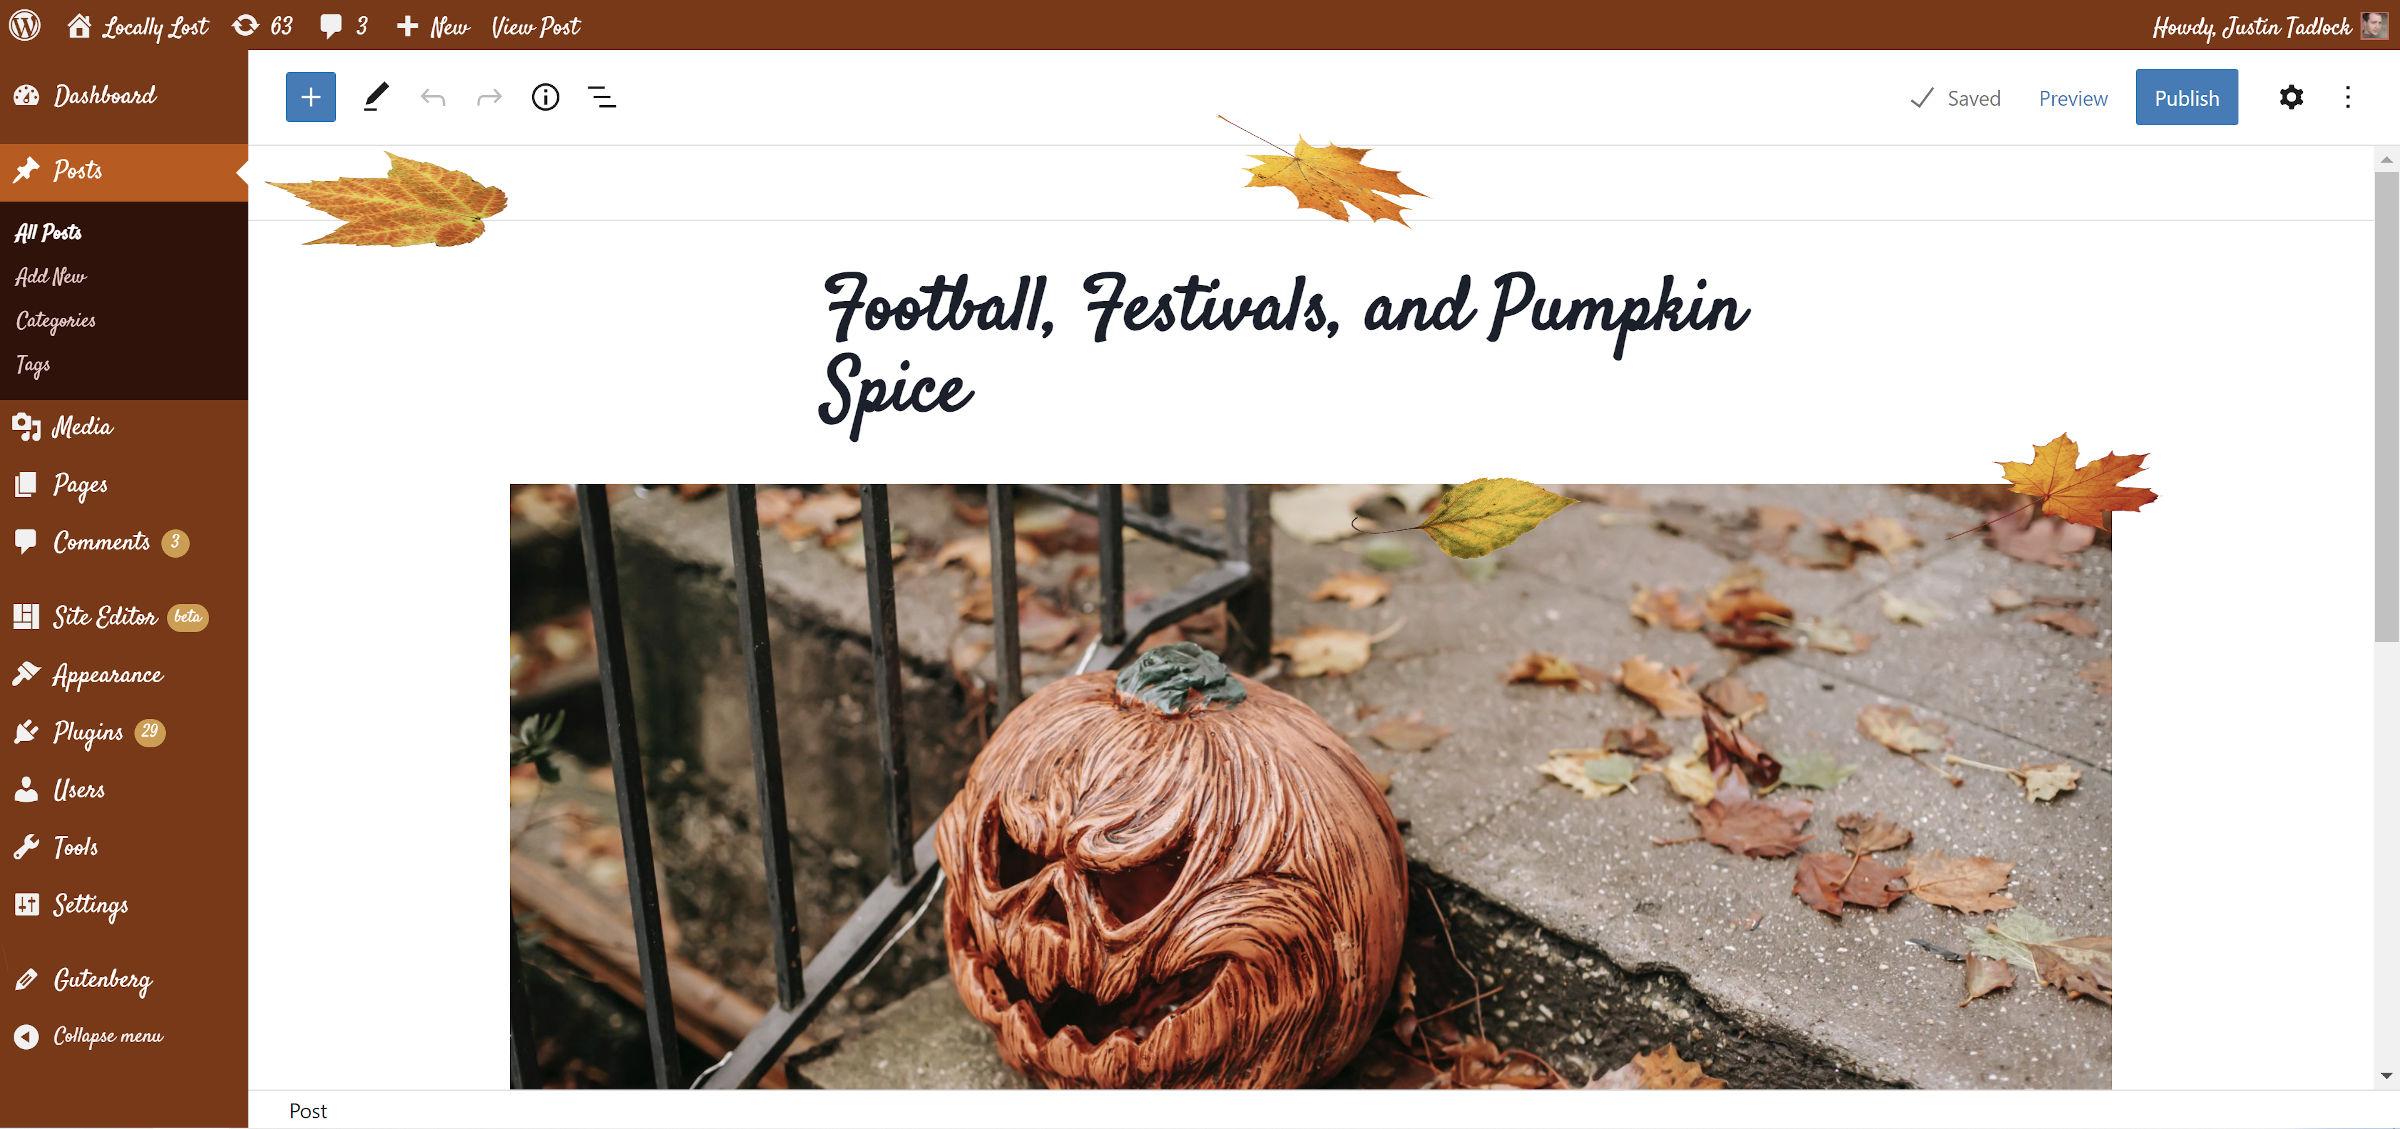 Plugin Pumpkin Spice Admin présenté avec des feuilles qui tombent dans l'éditeur de publication WordPress.